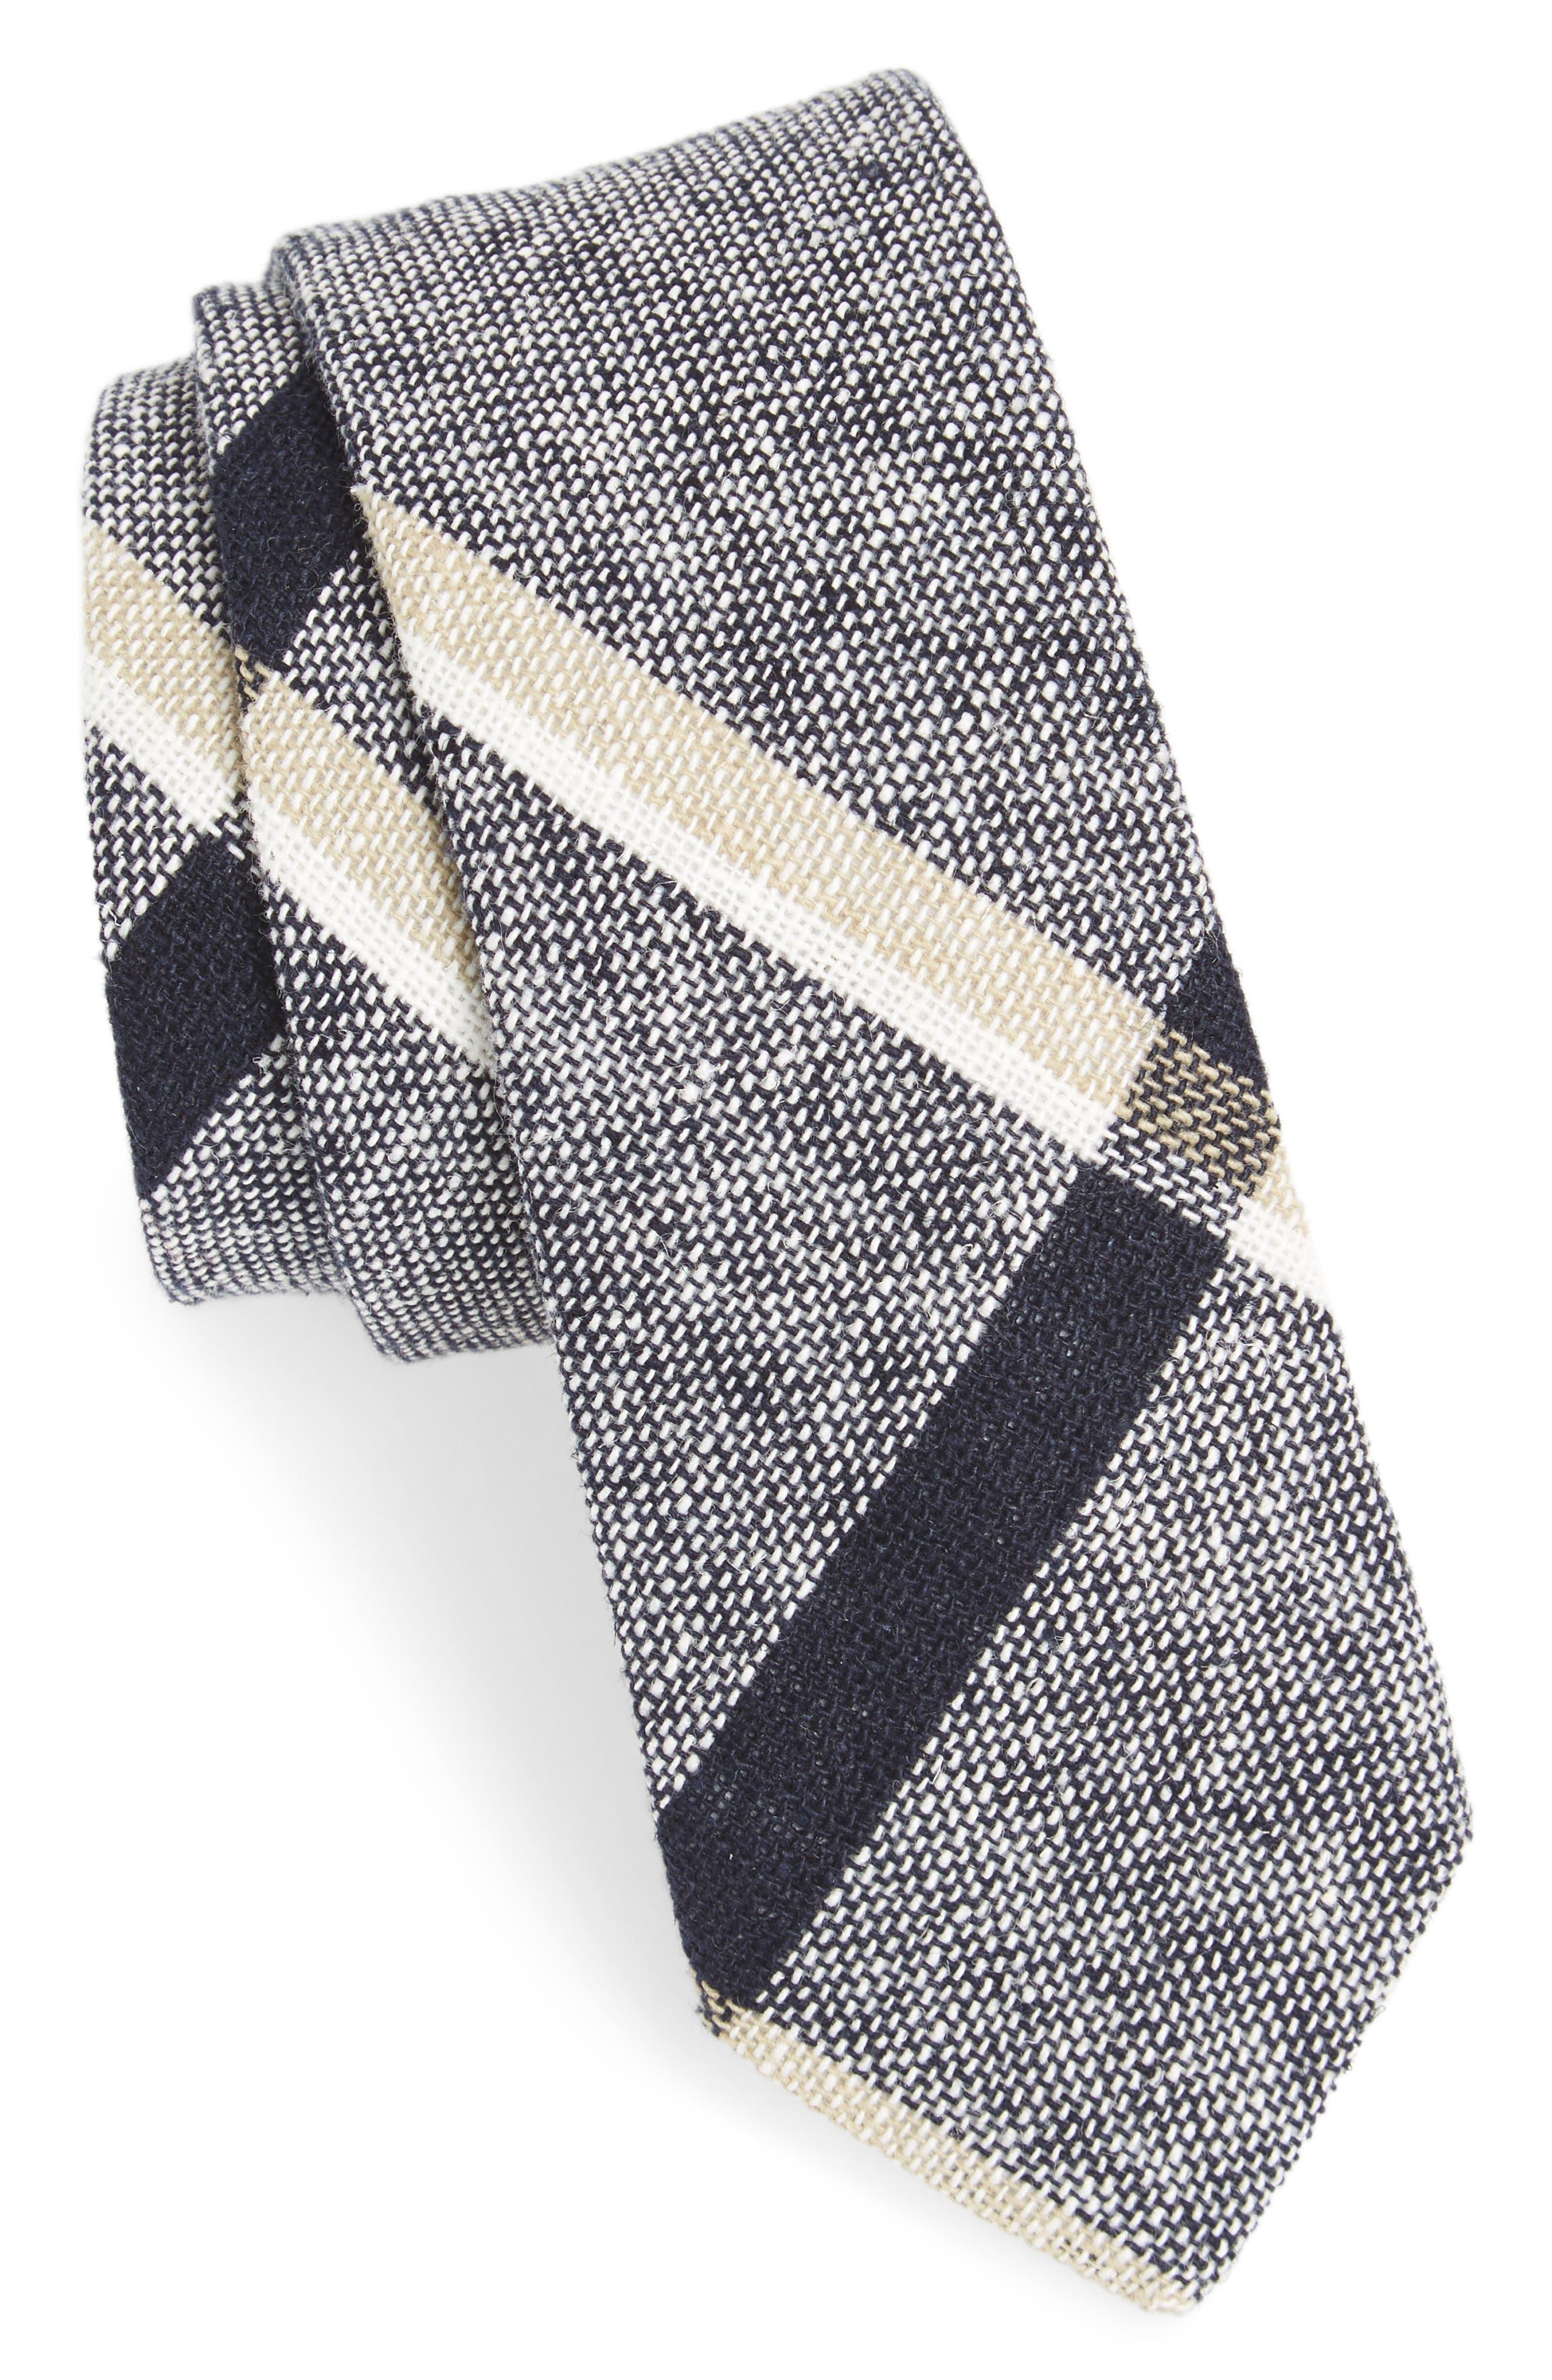 Newport Check Tie,                             Main thumbnail 1, color,                             Navy